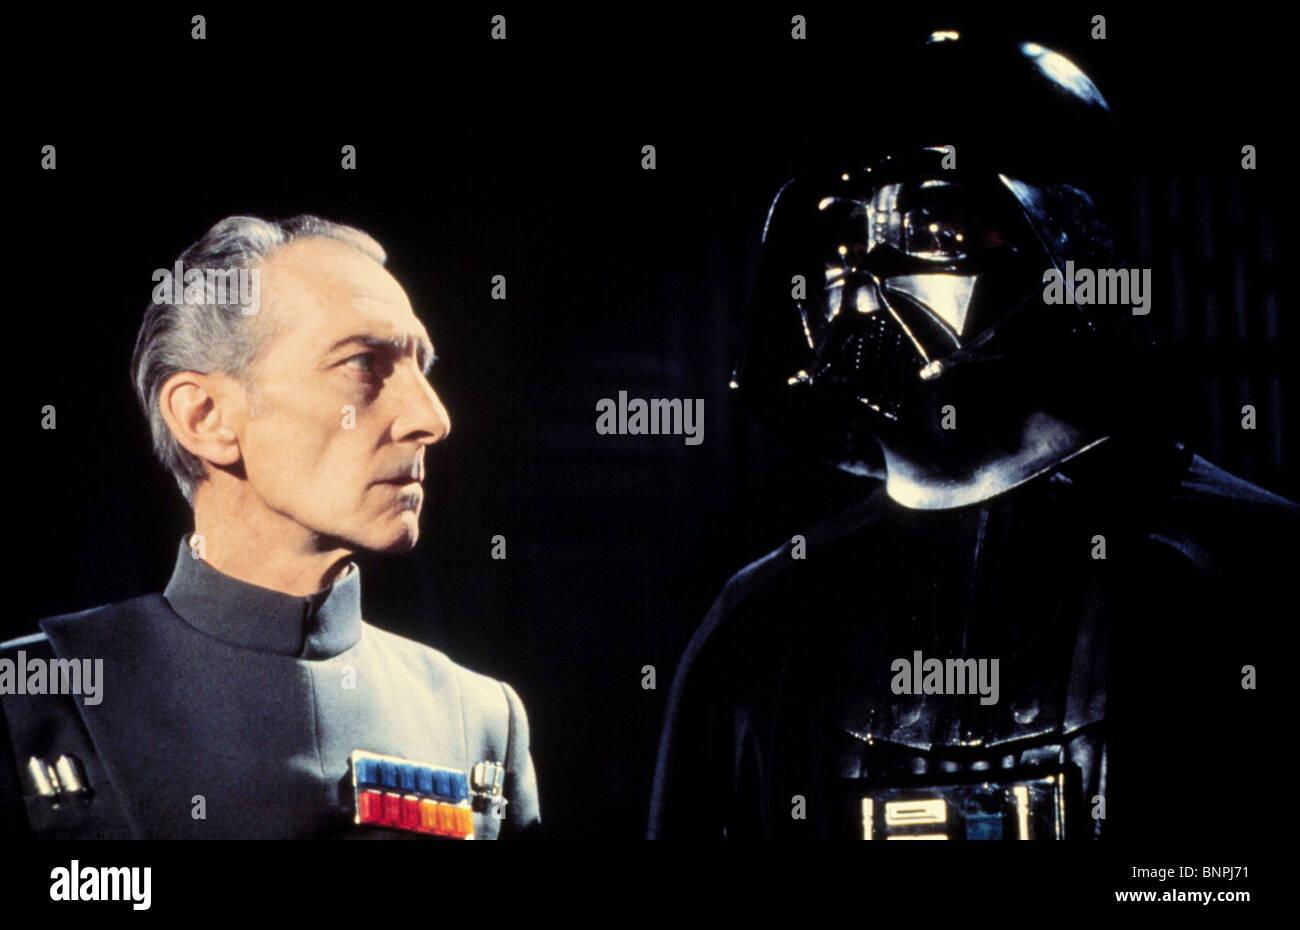 PETER CUSHING & DARTH VADER STAR WARS: EPISODE IV